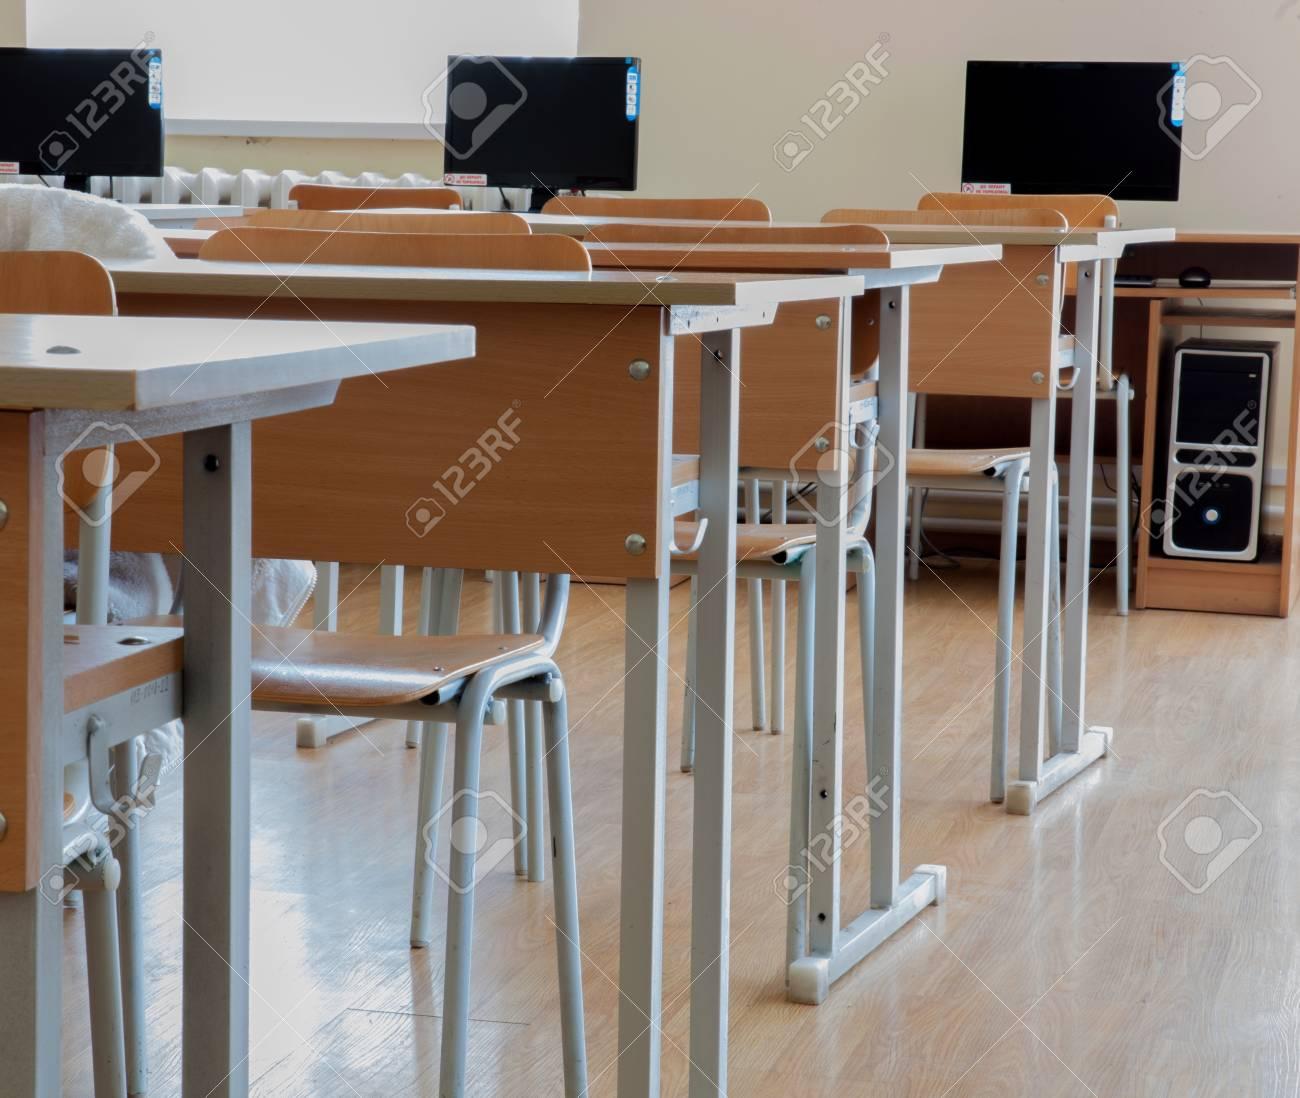 Elementary school classroom in Ukraine, school desks in the computer..